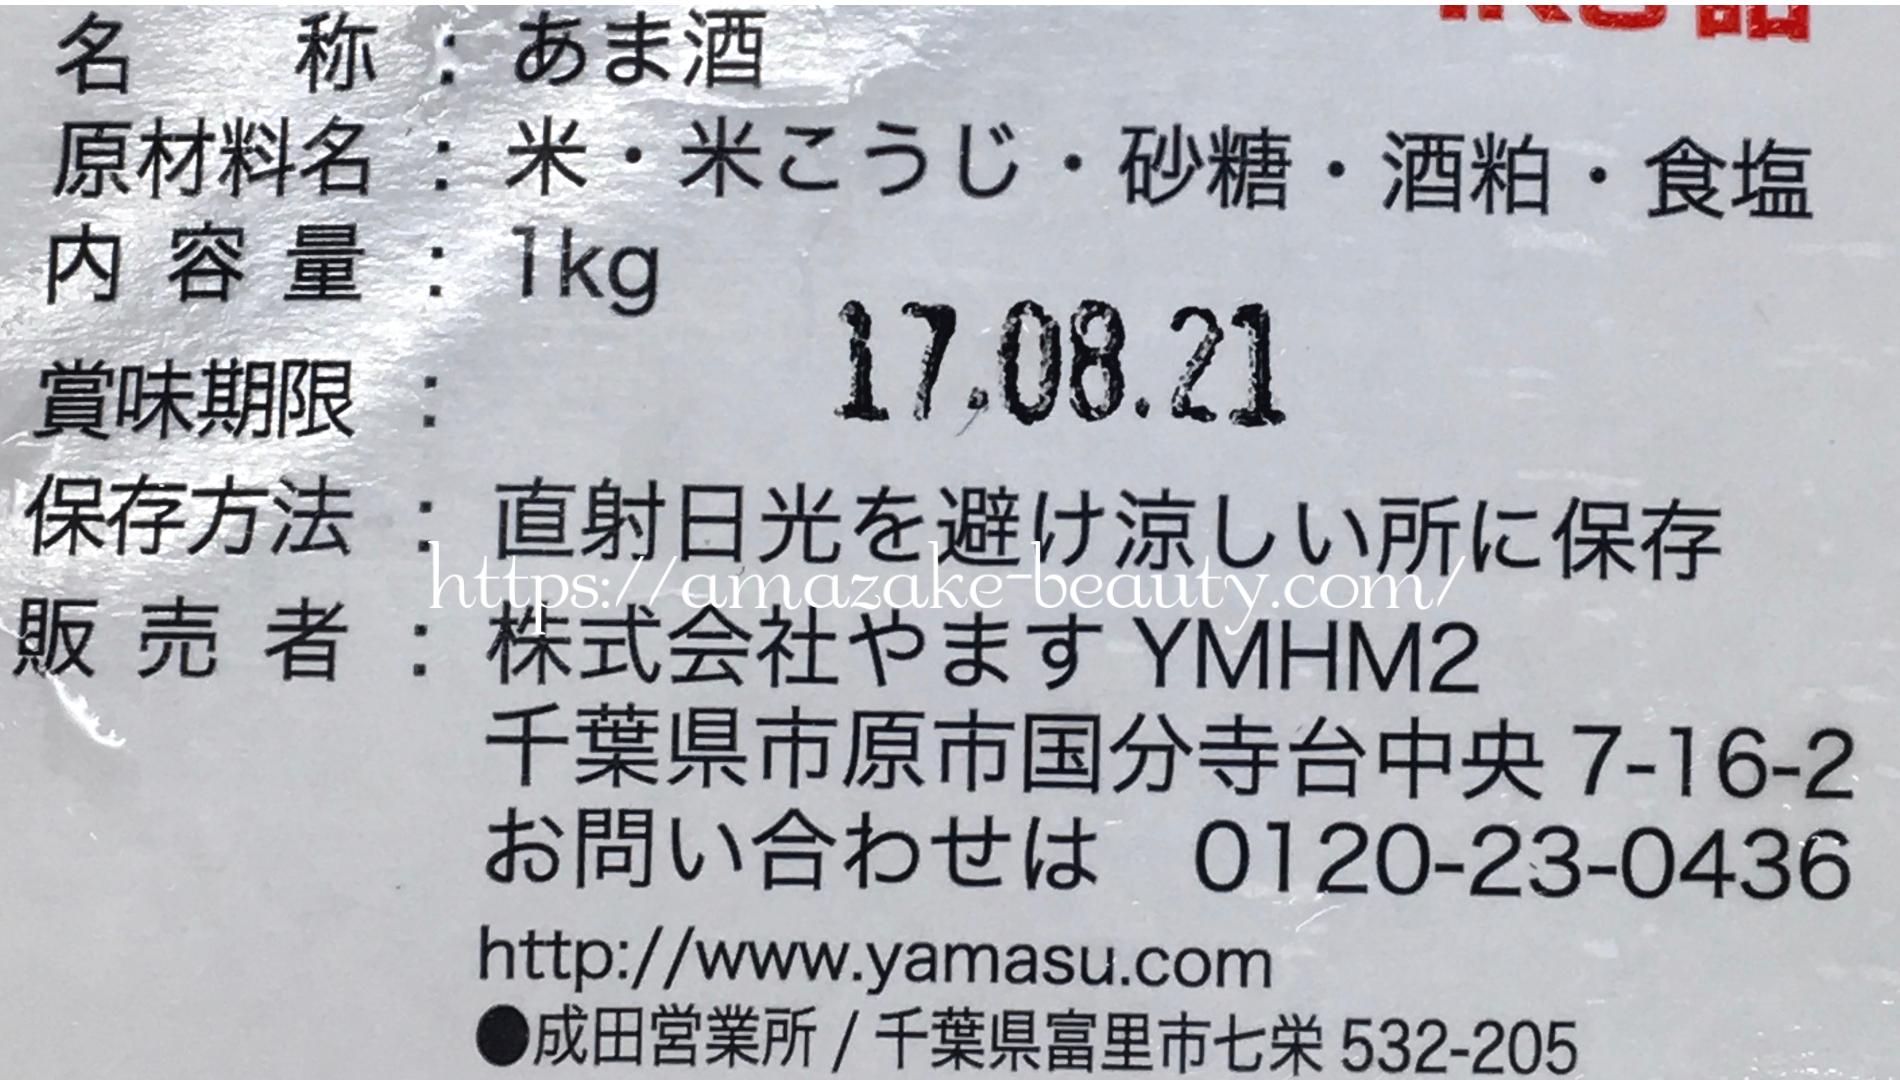 [amazake]yamasu[amazake no moto](product description)